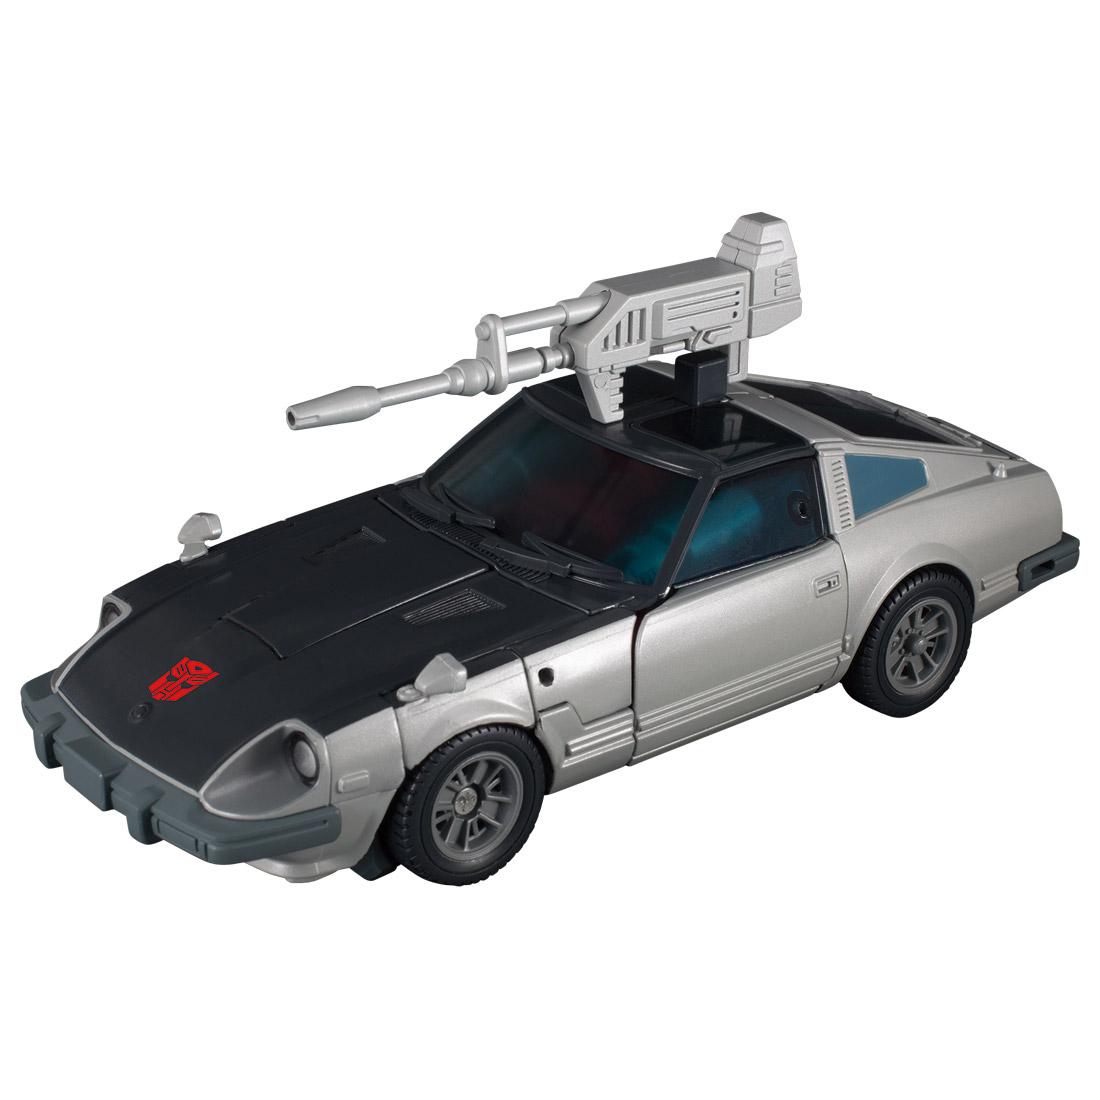 トランスフォーマー マスターピース『MP-18+ ストリーク』可変可動フィギュア-009